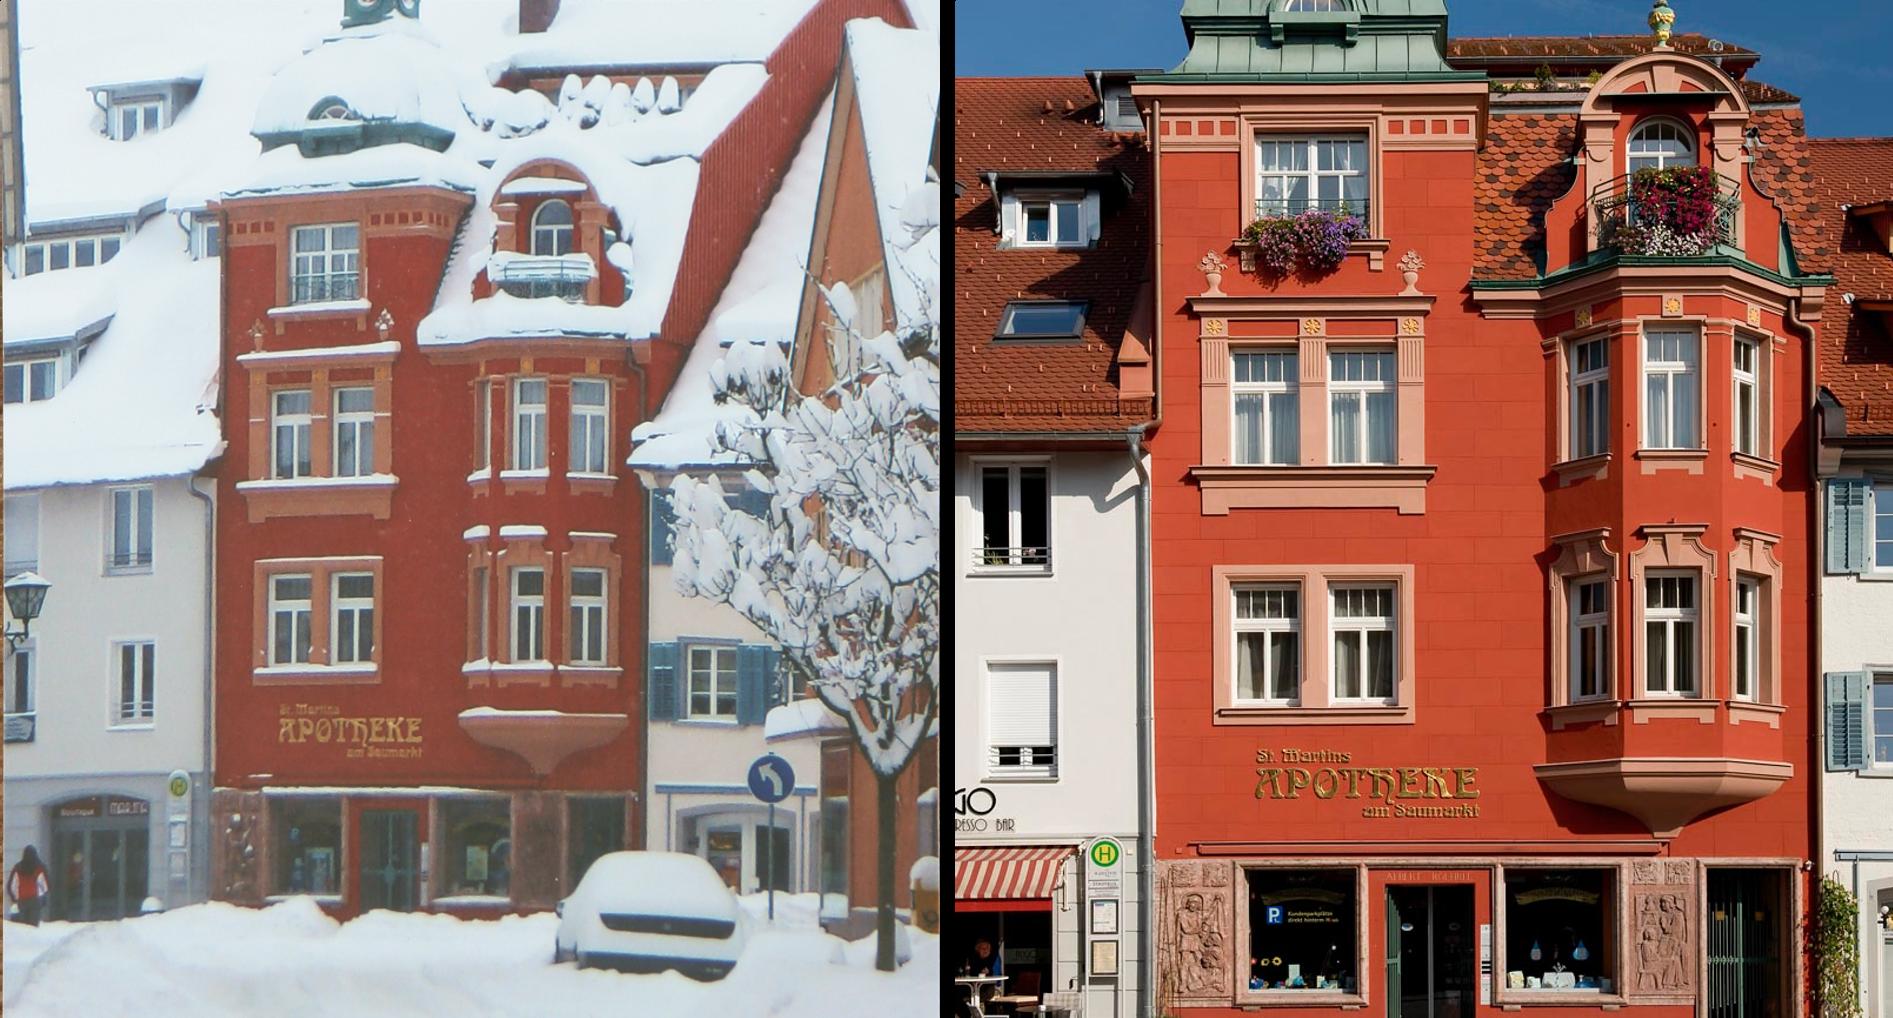 Apotheke Haus Bild 3 im Sommer und Winter